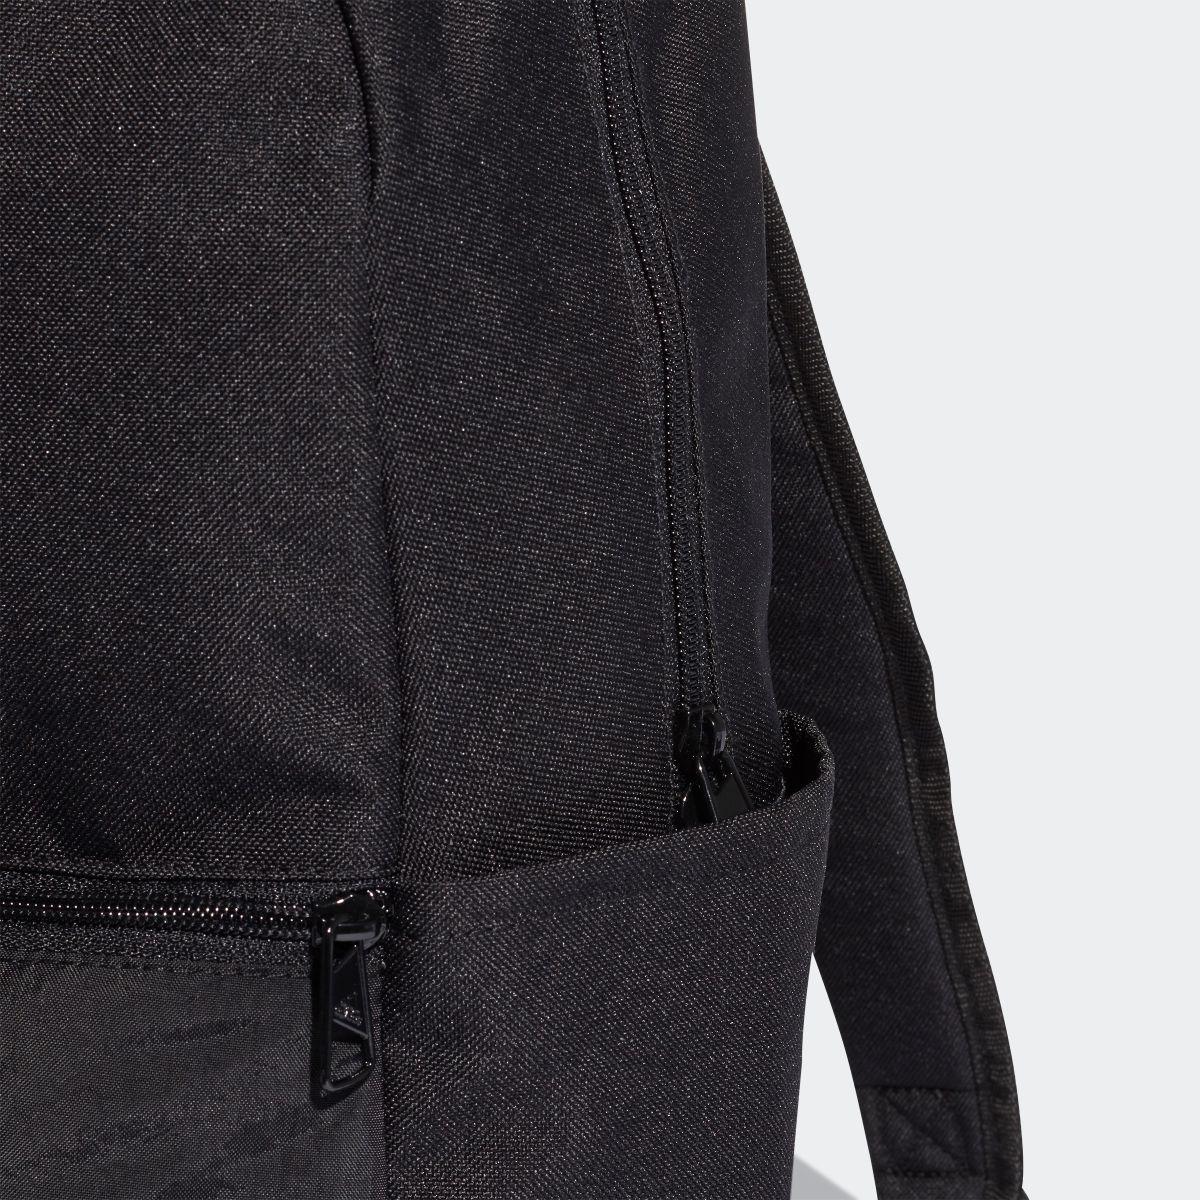 DT2628 Art Nero//Bianco Adidas Zaino Classic Badge of Sport Unisex